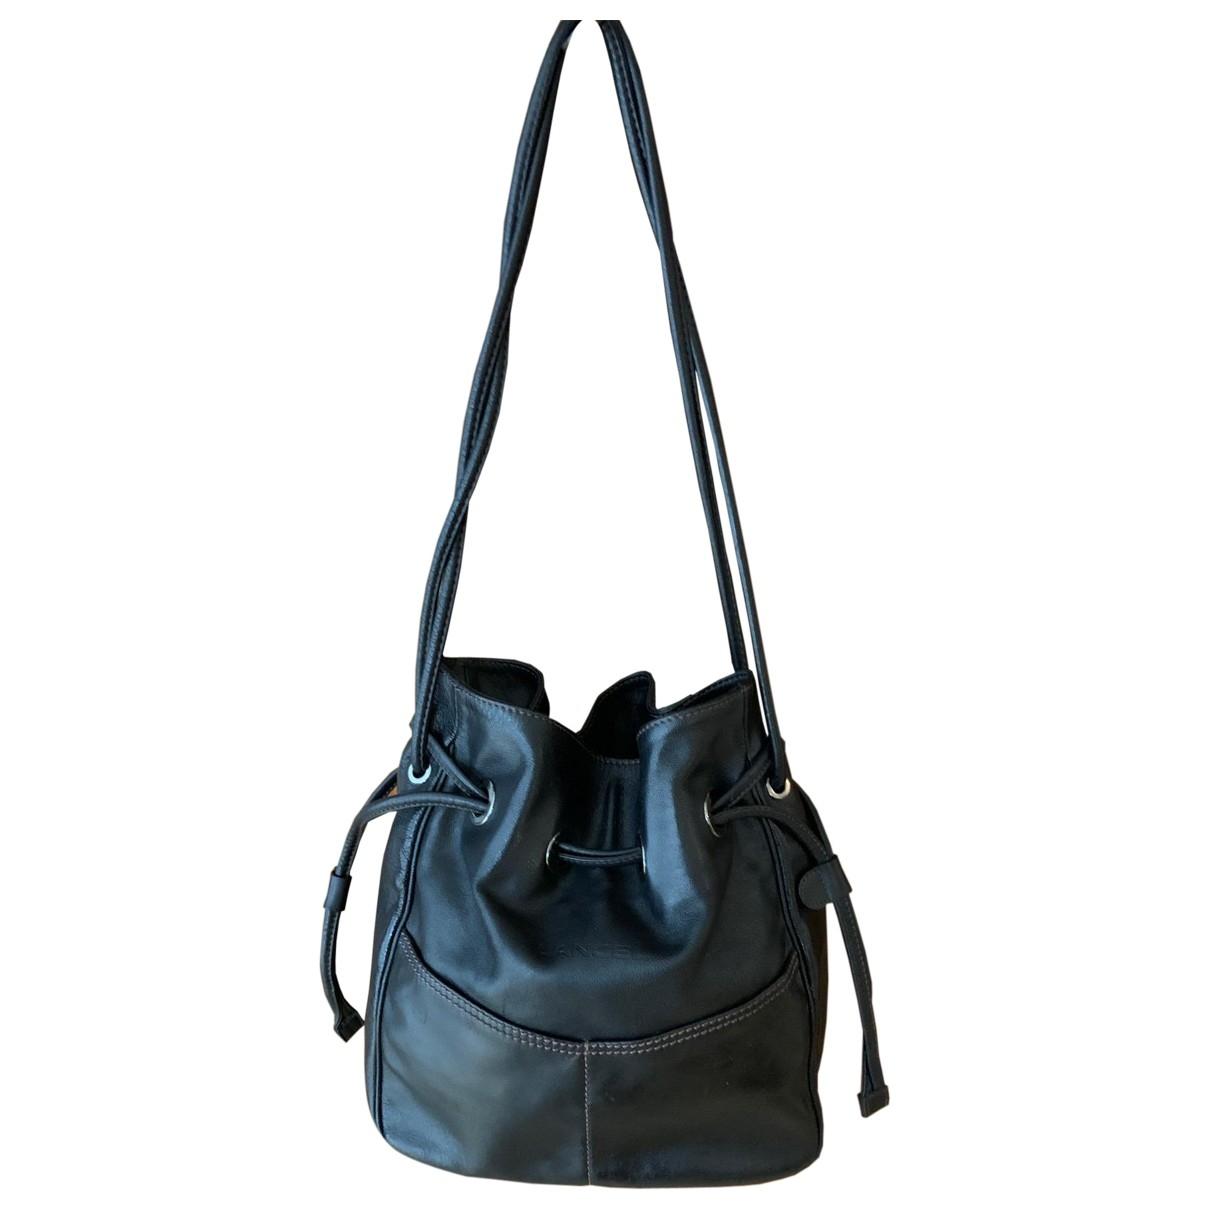 Lancel - Sac a main   pour femme en cuir - noir